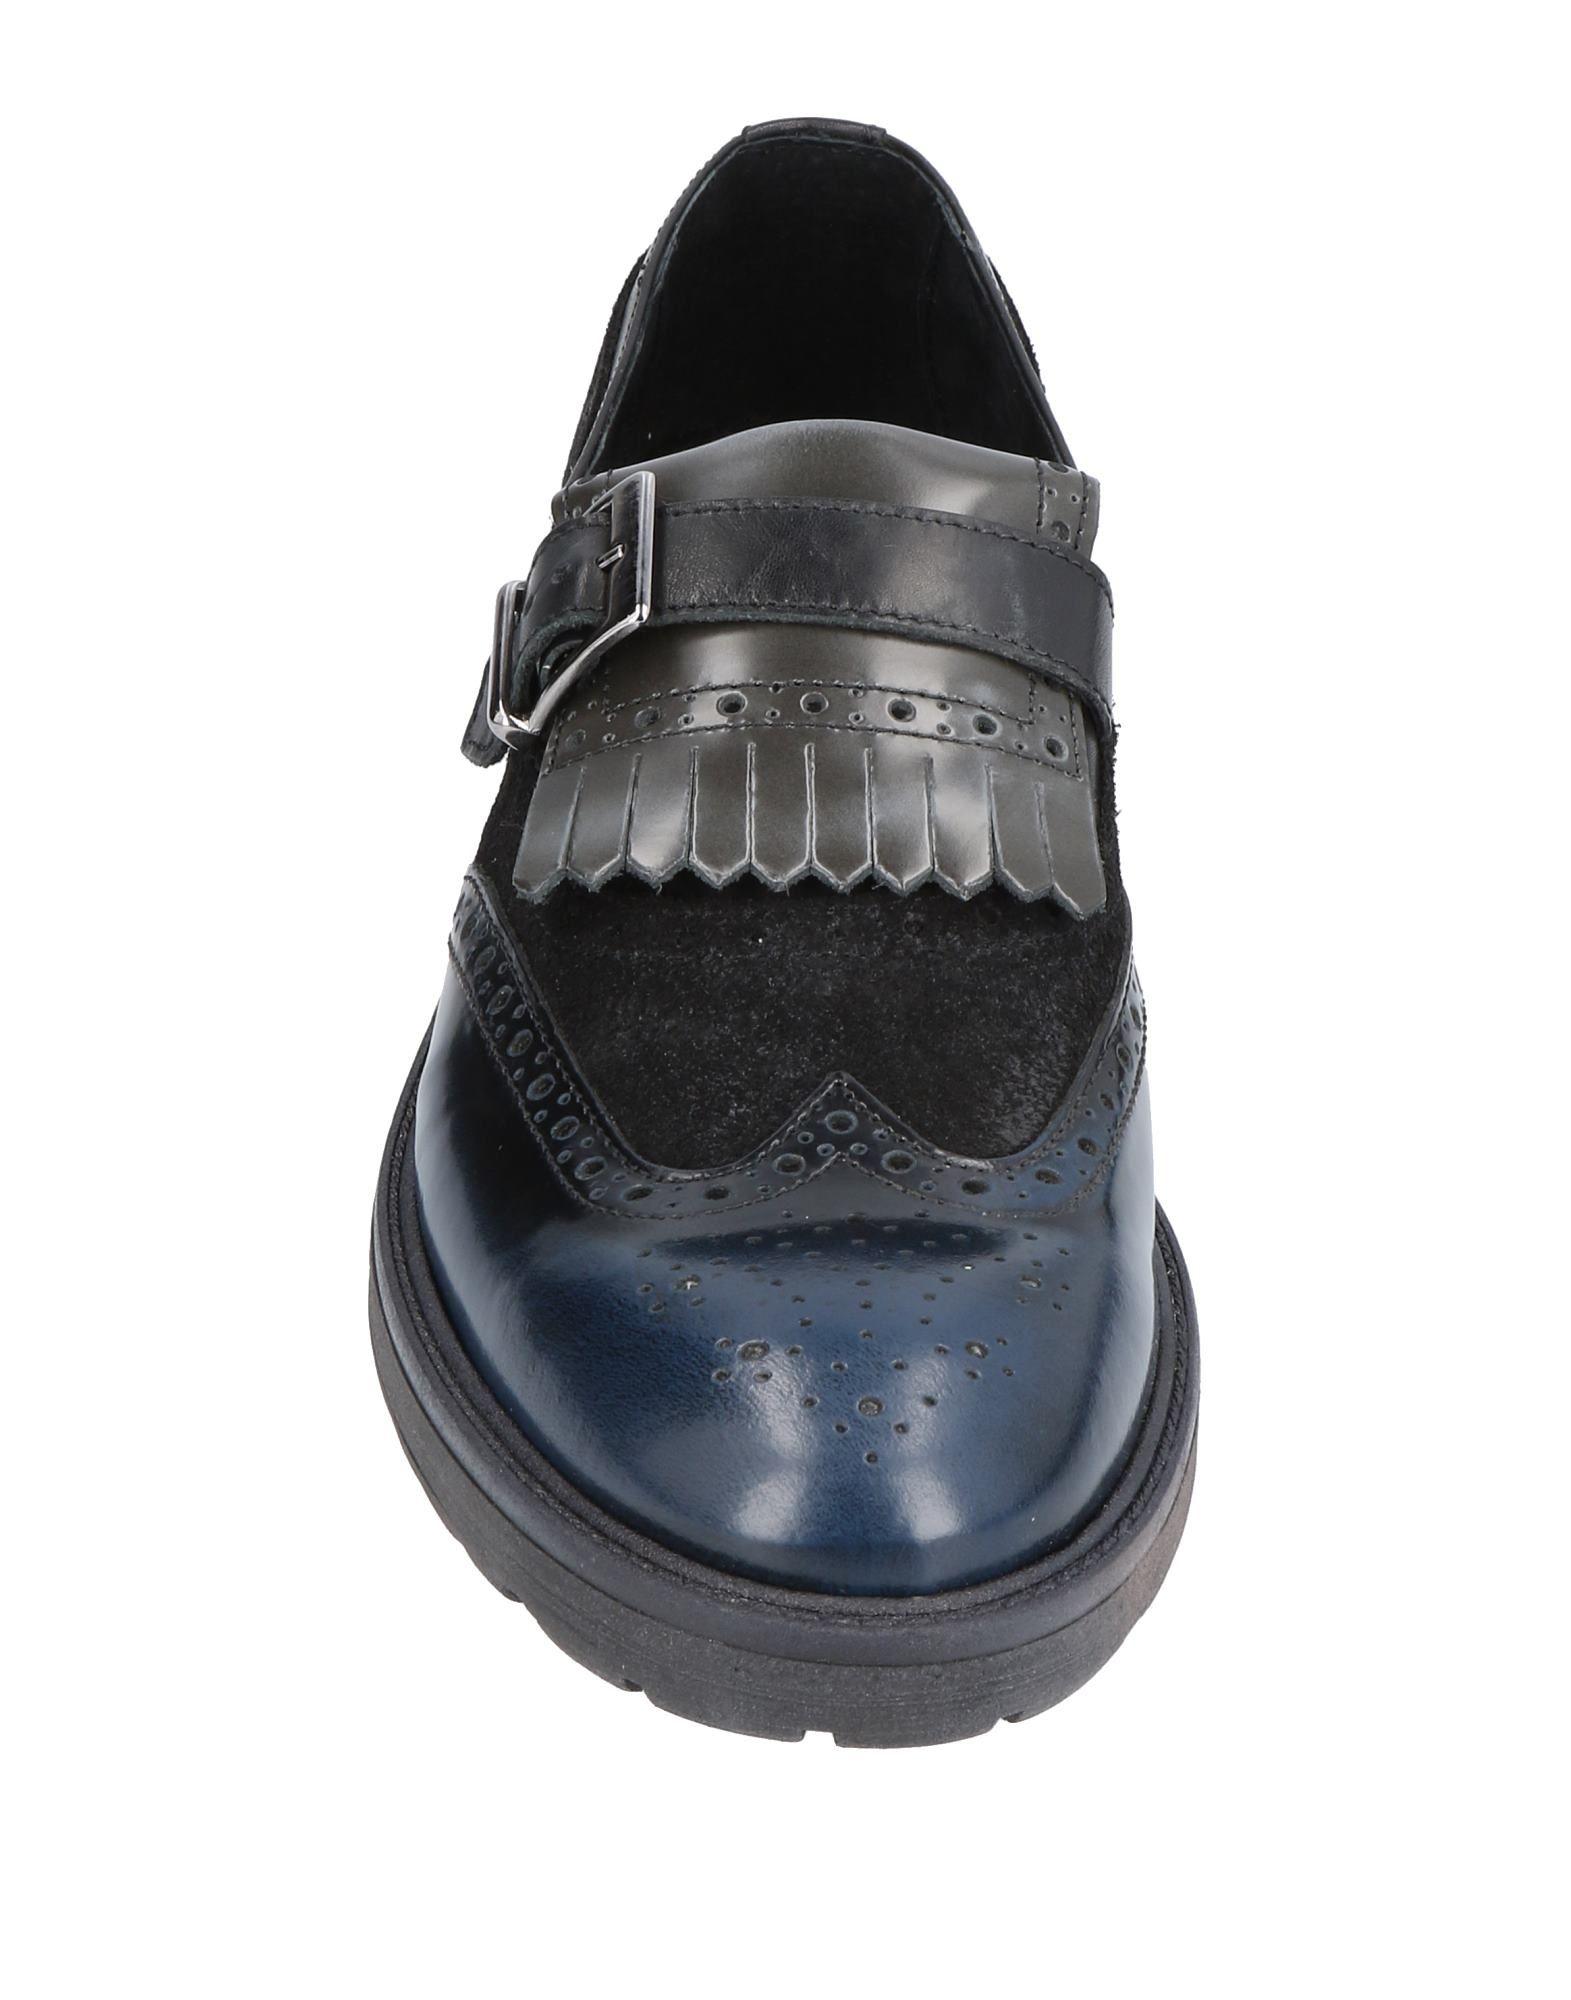 Exibit Mokassins Herren Heiße  11465304OO Heiße Herren Schuhe 311aec